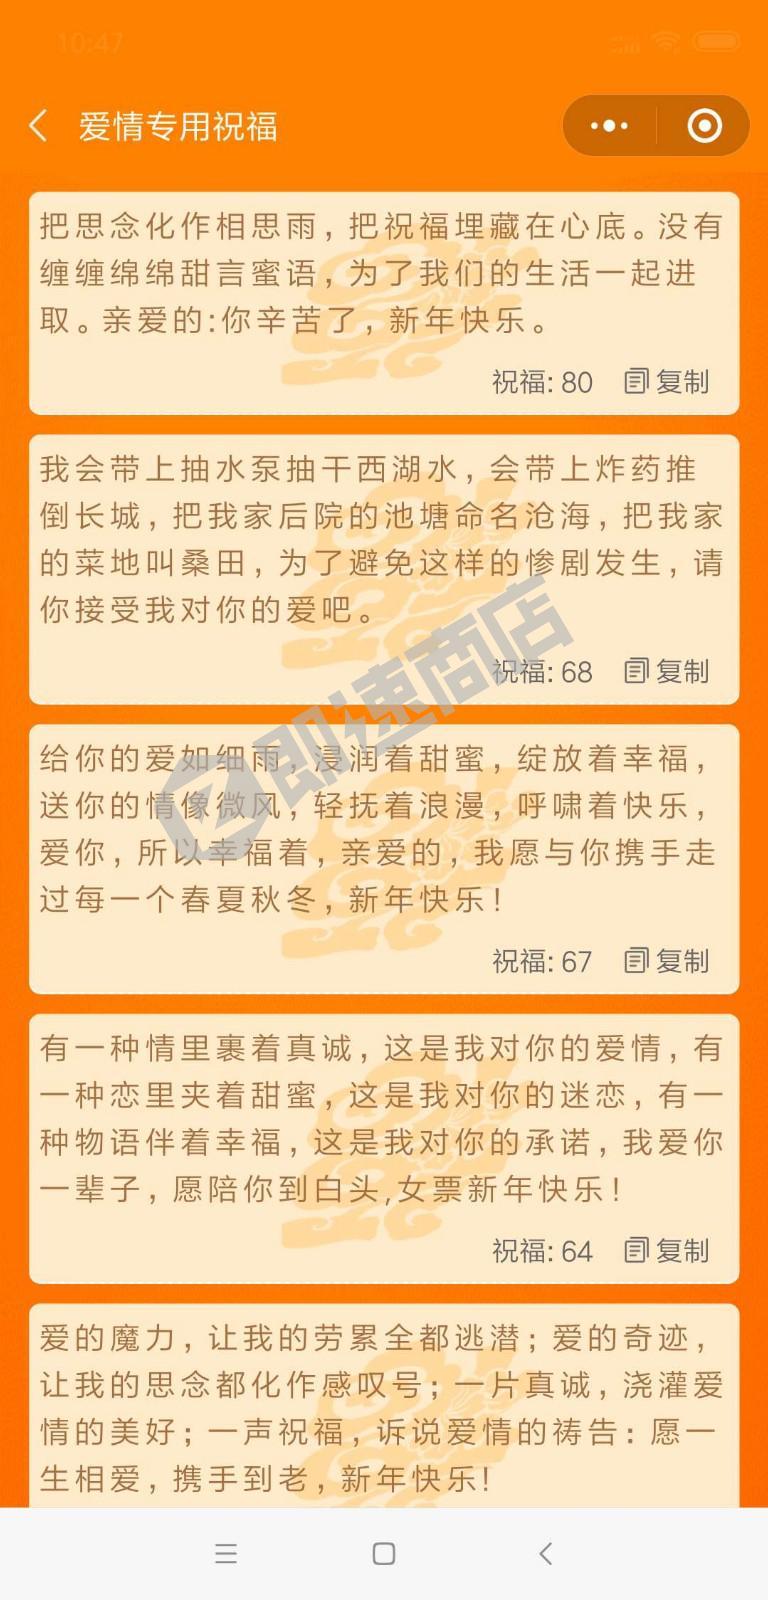 祝福语小助手小程序详情页截图